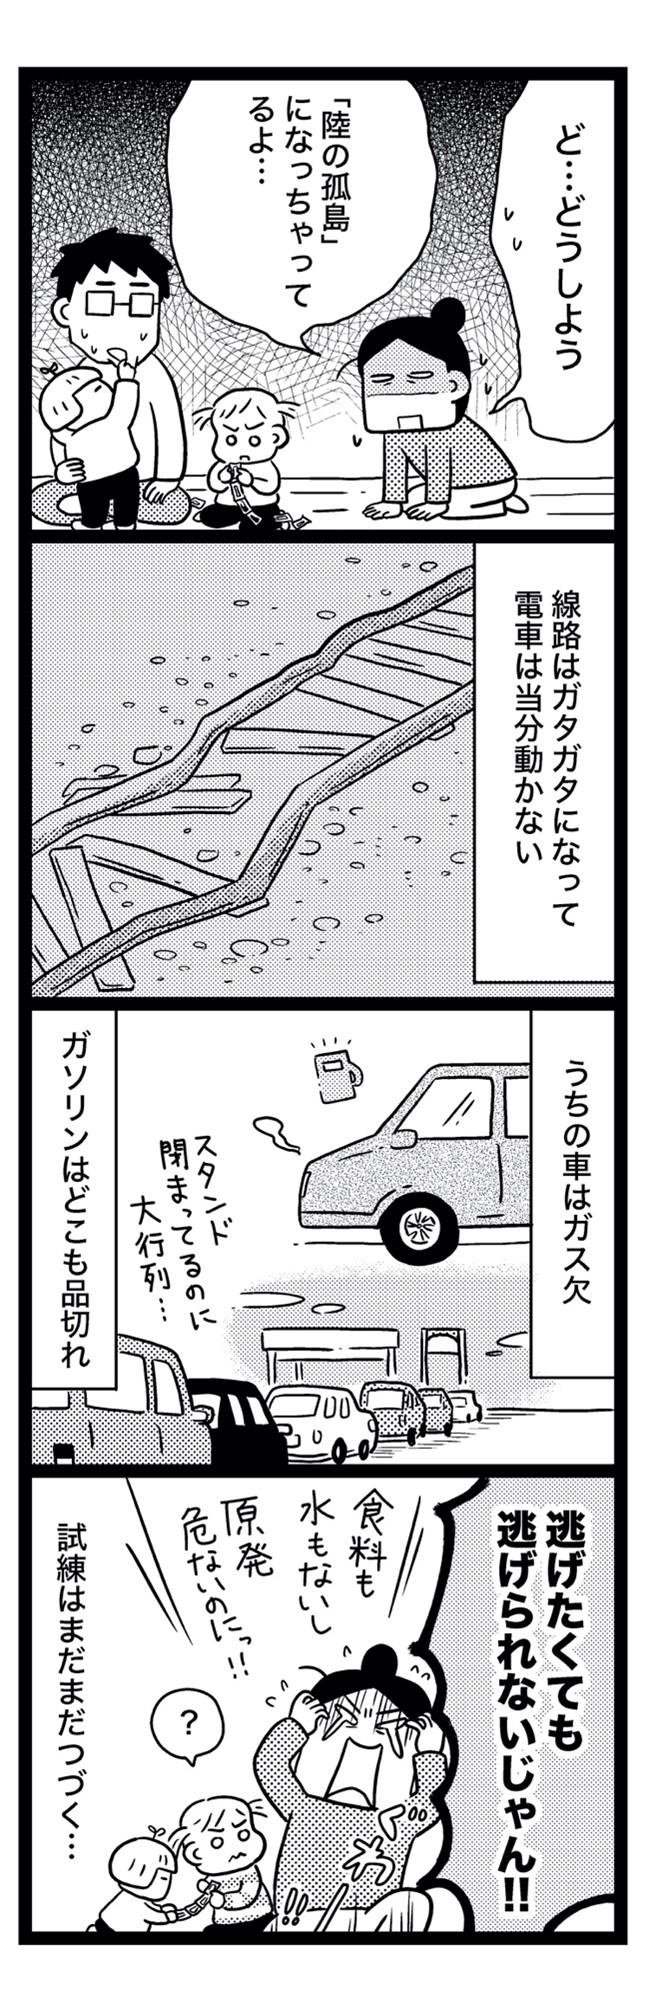 sinsai2-8